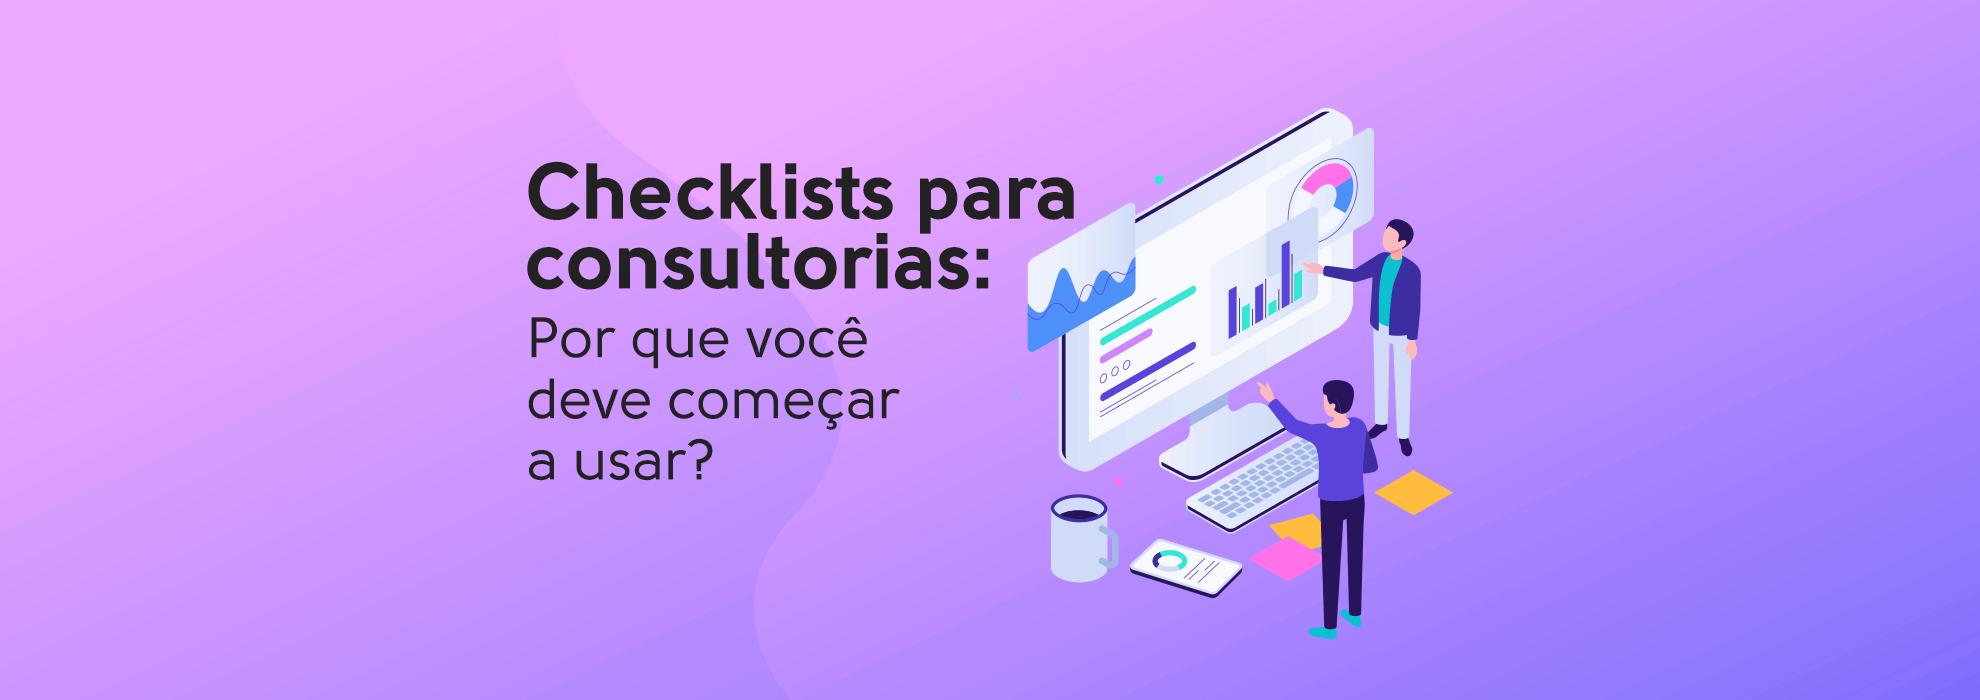 You are currently viewing Checklists para consultorias: Por que você deve começar a usar?